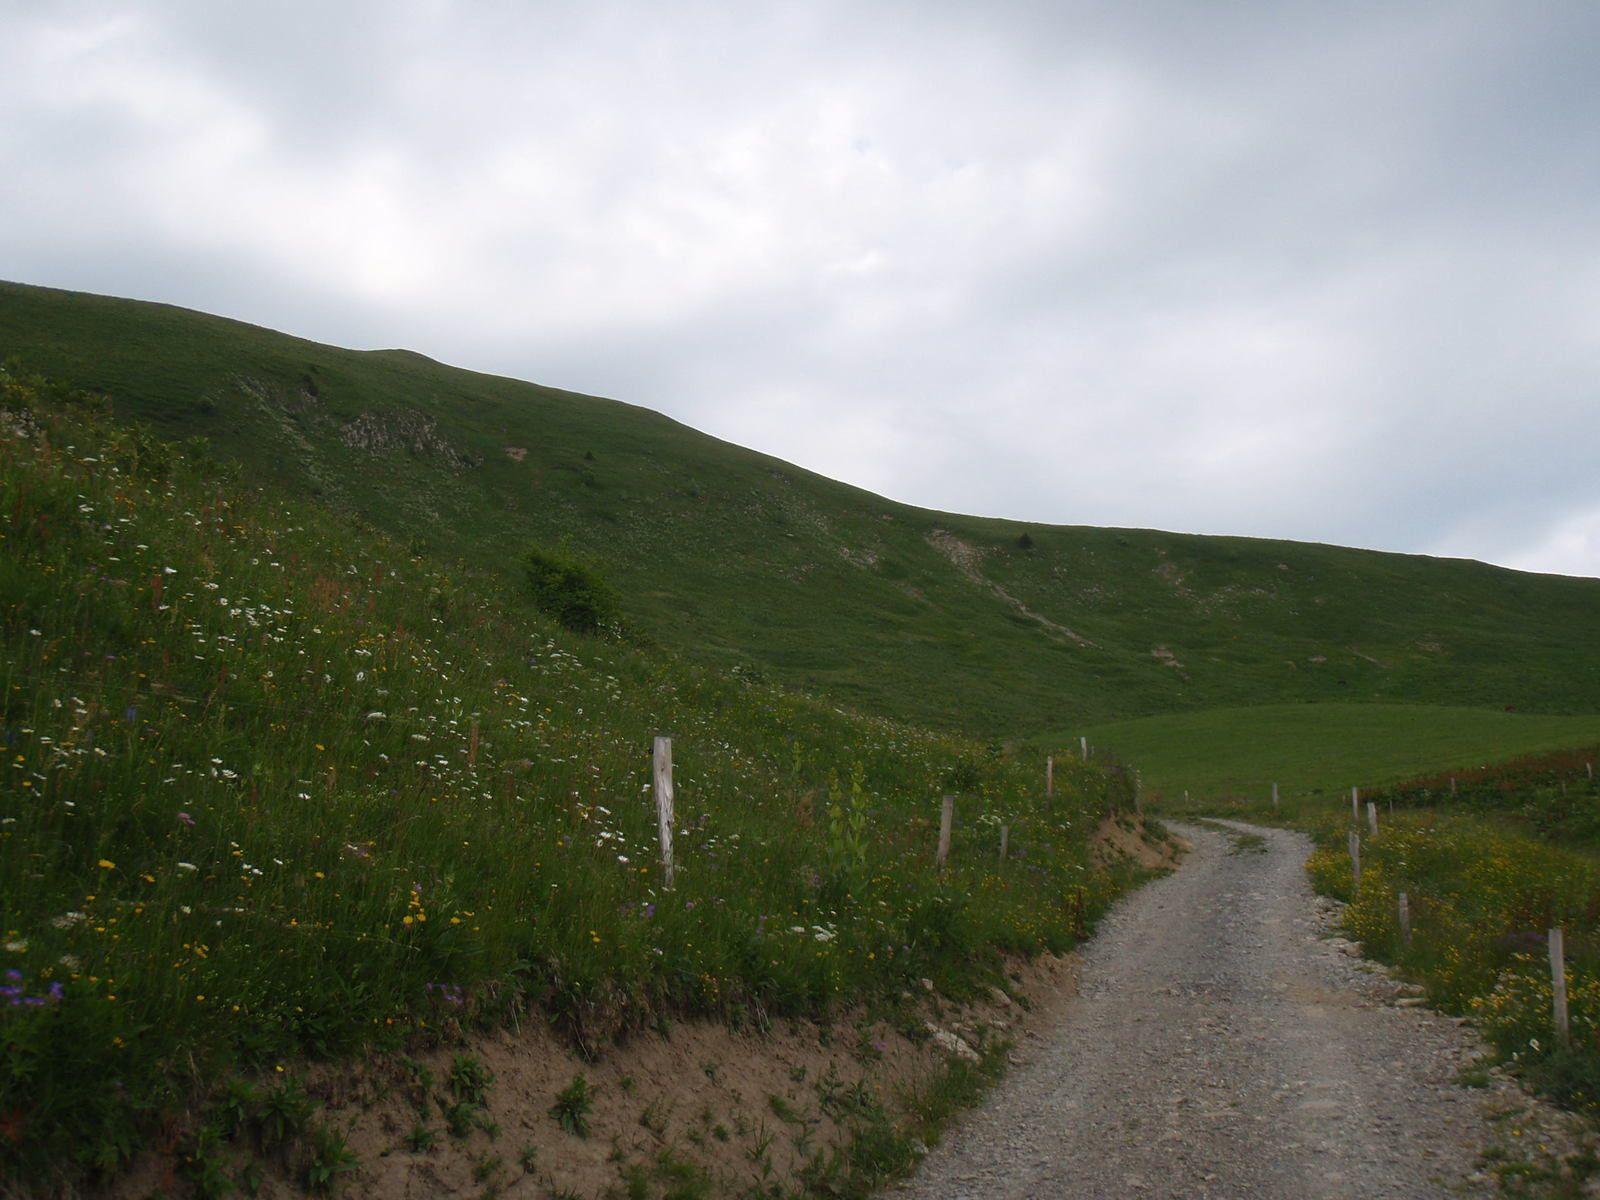 Montagne de Sulens: Depuis le Col de Plan bois